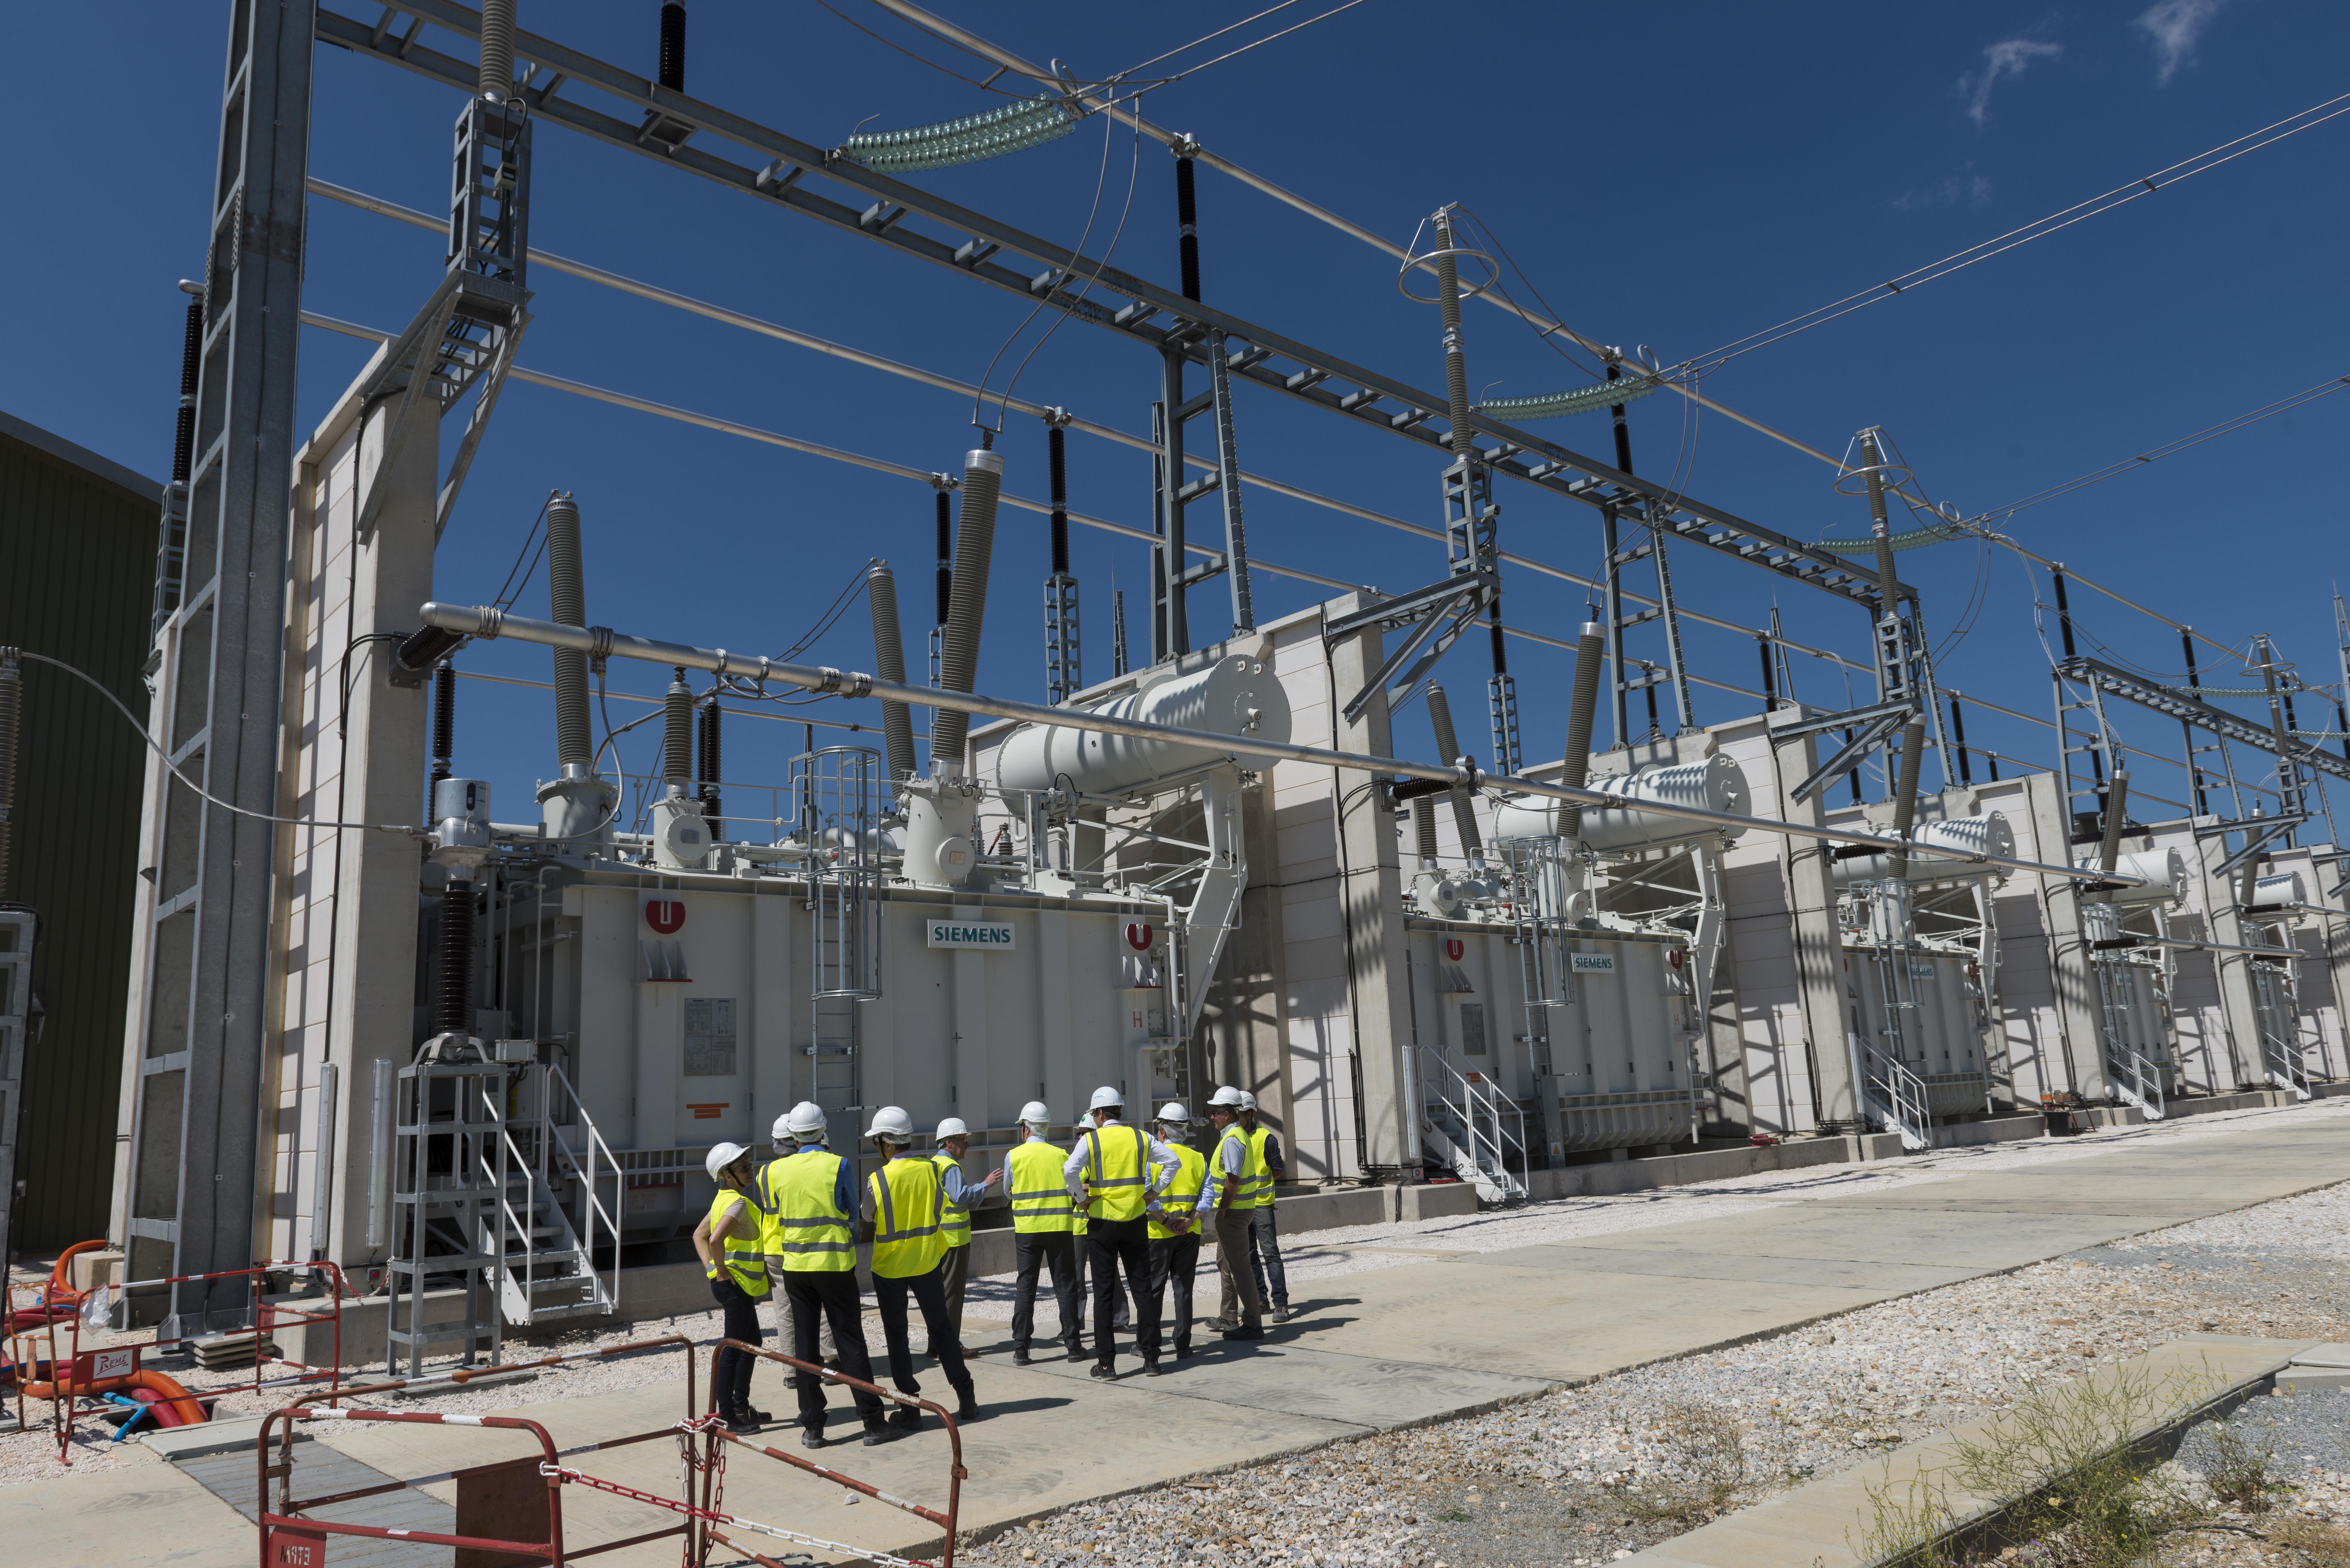 Inelfe, interconnexion électrique franco-espagnole permettant de doubler la capacité d'échange d'électricité entre les deux pays et d'intégrer davantage de production à base d'énergies renouvelables.